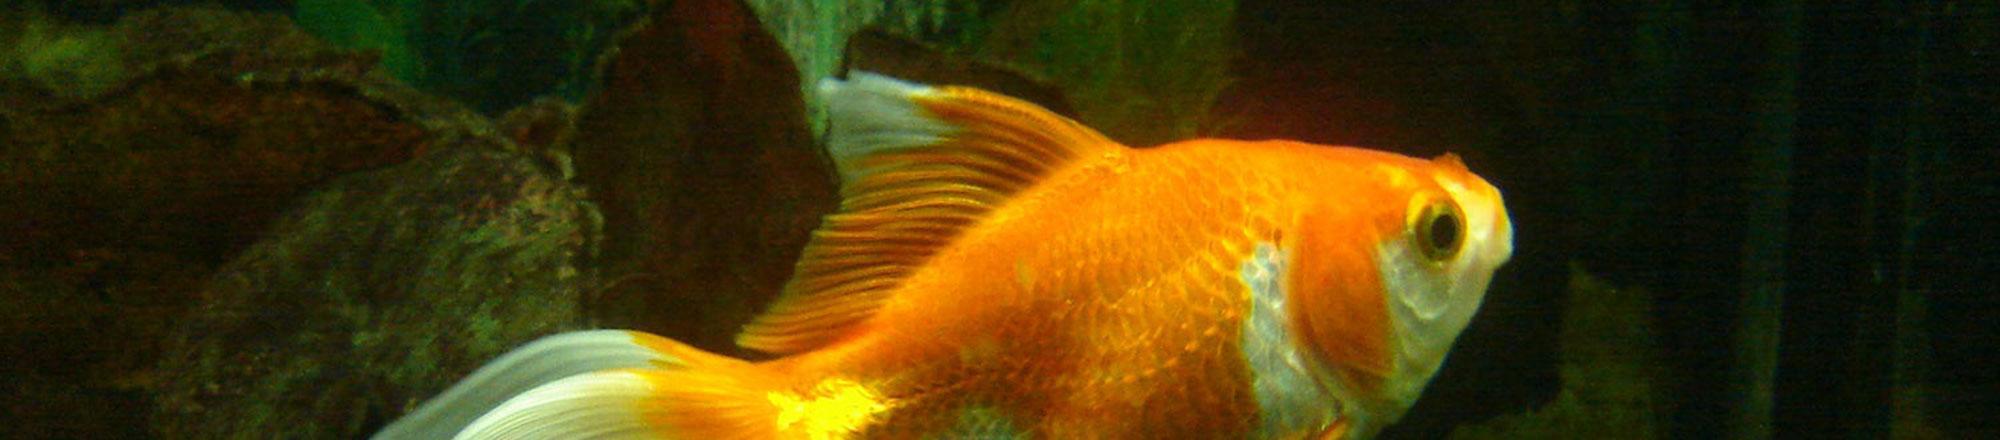 De 10 belangrijkste tips bij het aanschaffen van vissen